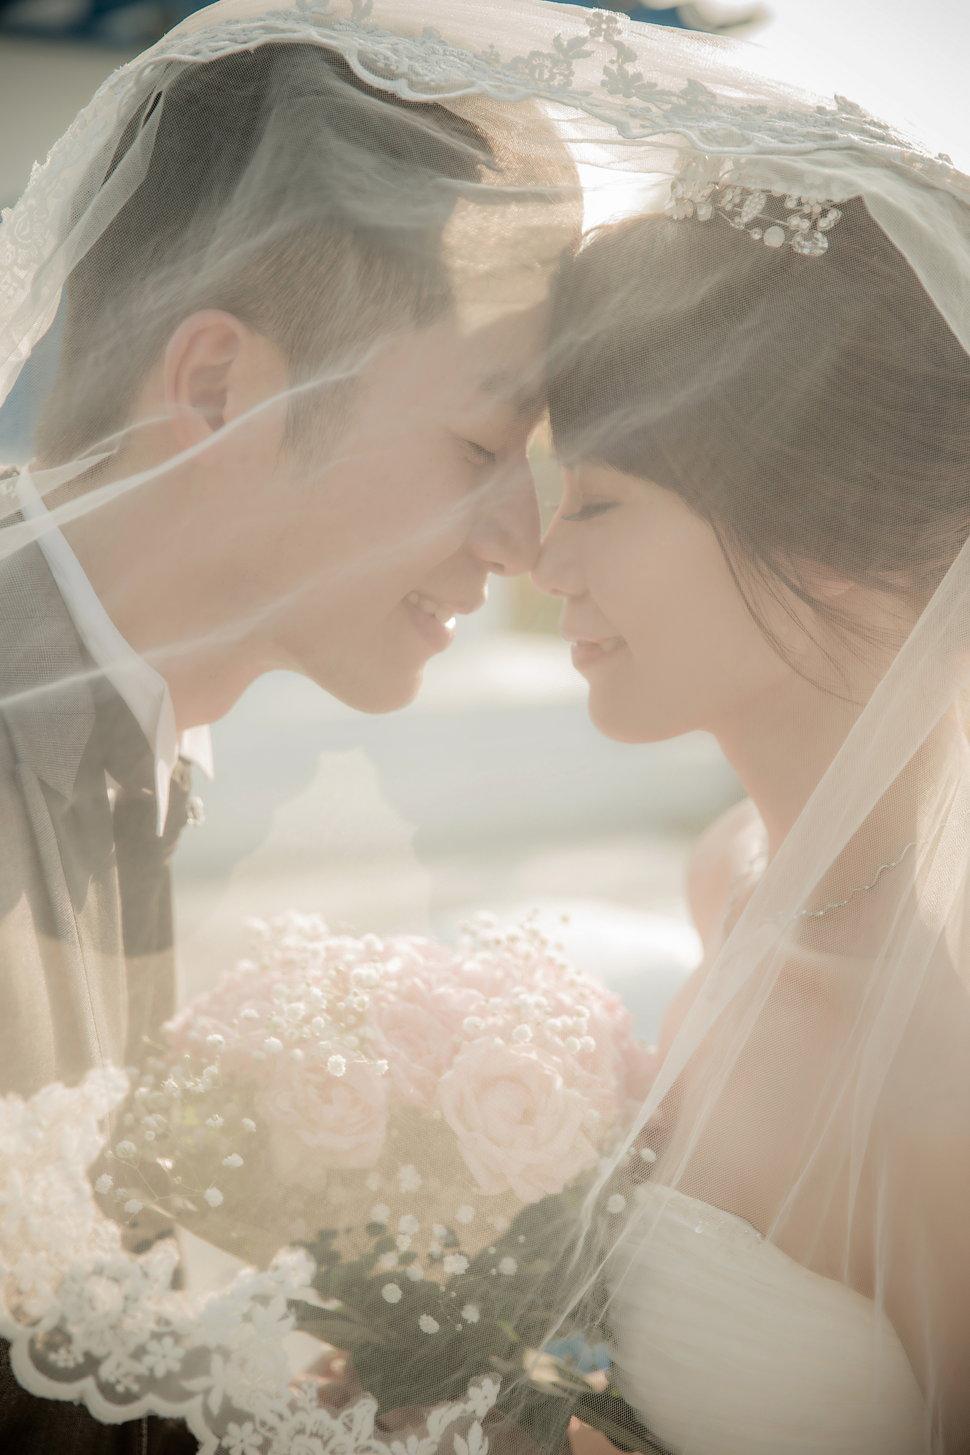 熟悉的角落 是最美麗的風景  希臘婚禮  新人分享 智&芸(編號:423753) - 希臘婚禮  婚紗  攝影 - 結婚吧一站式婚禮服務平台